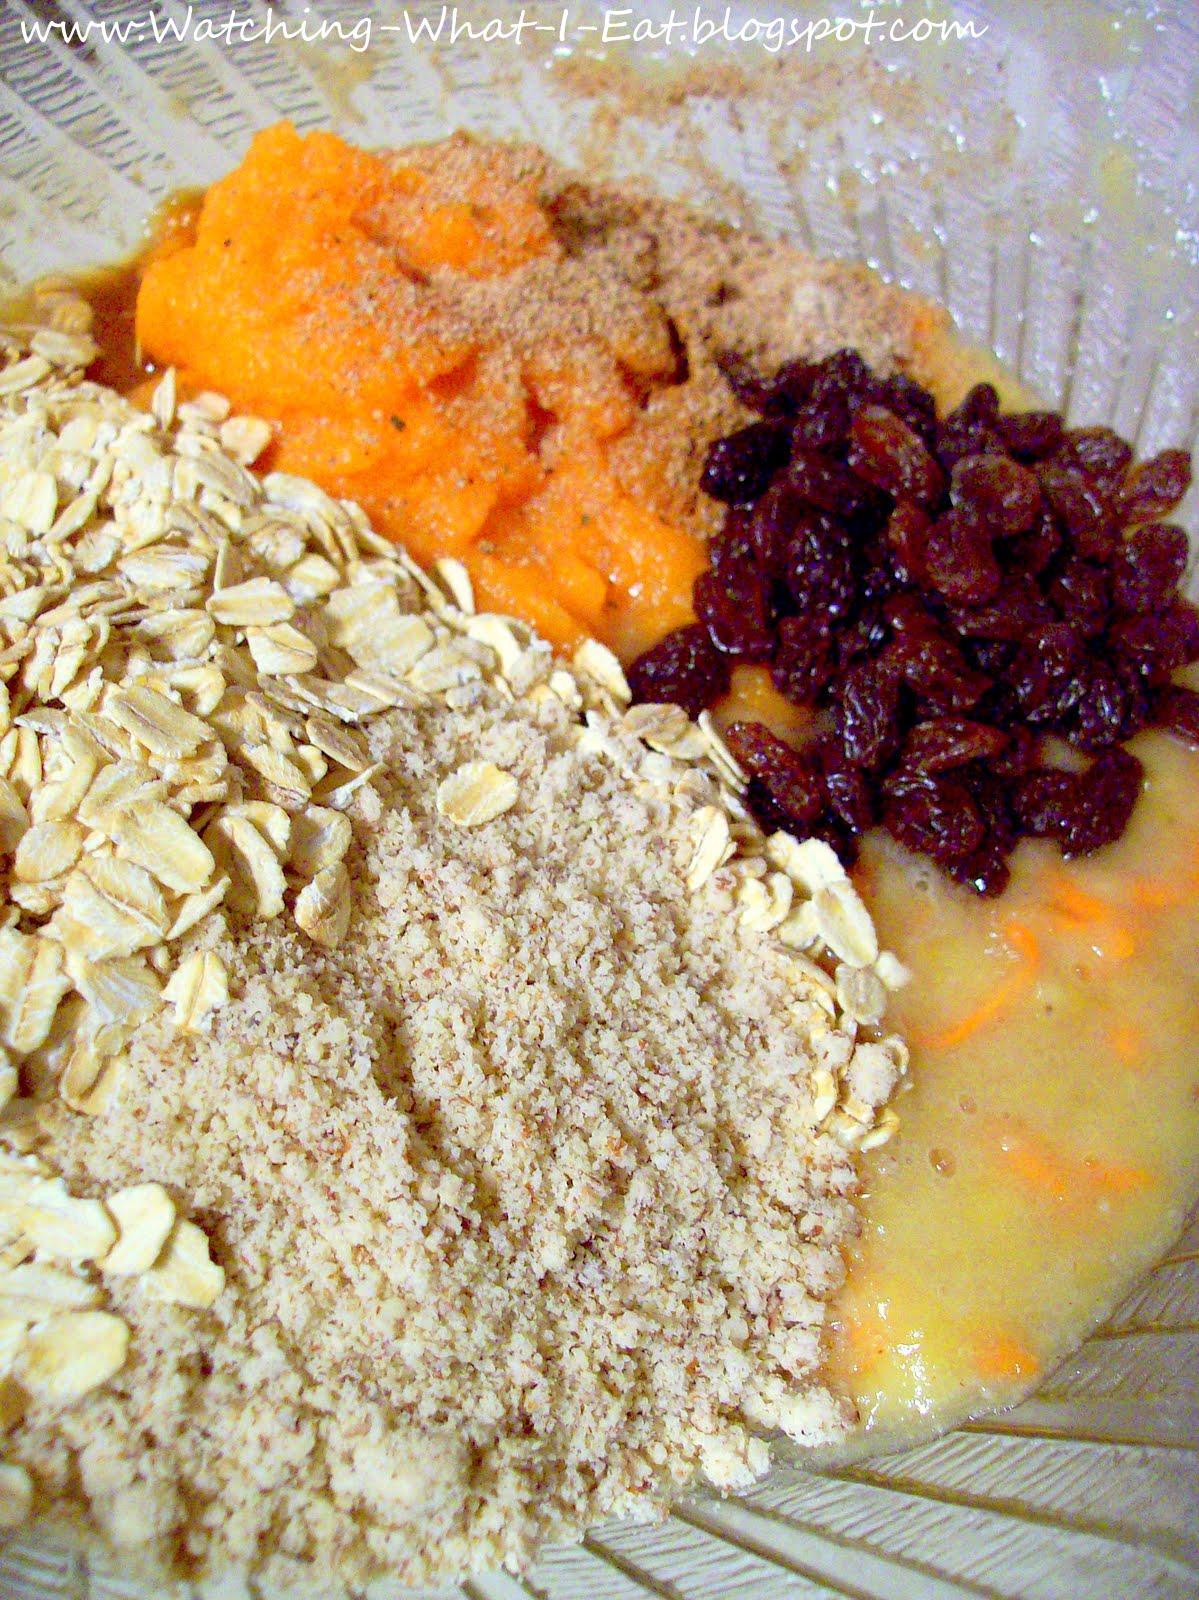 ... breakfast cake recipes dishmaps upside down pineapple breakfast cake